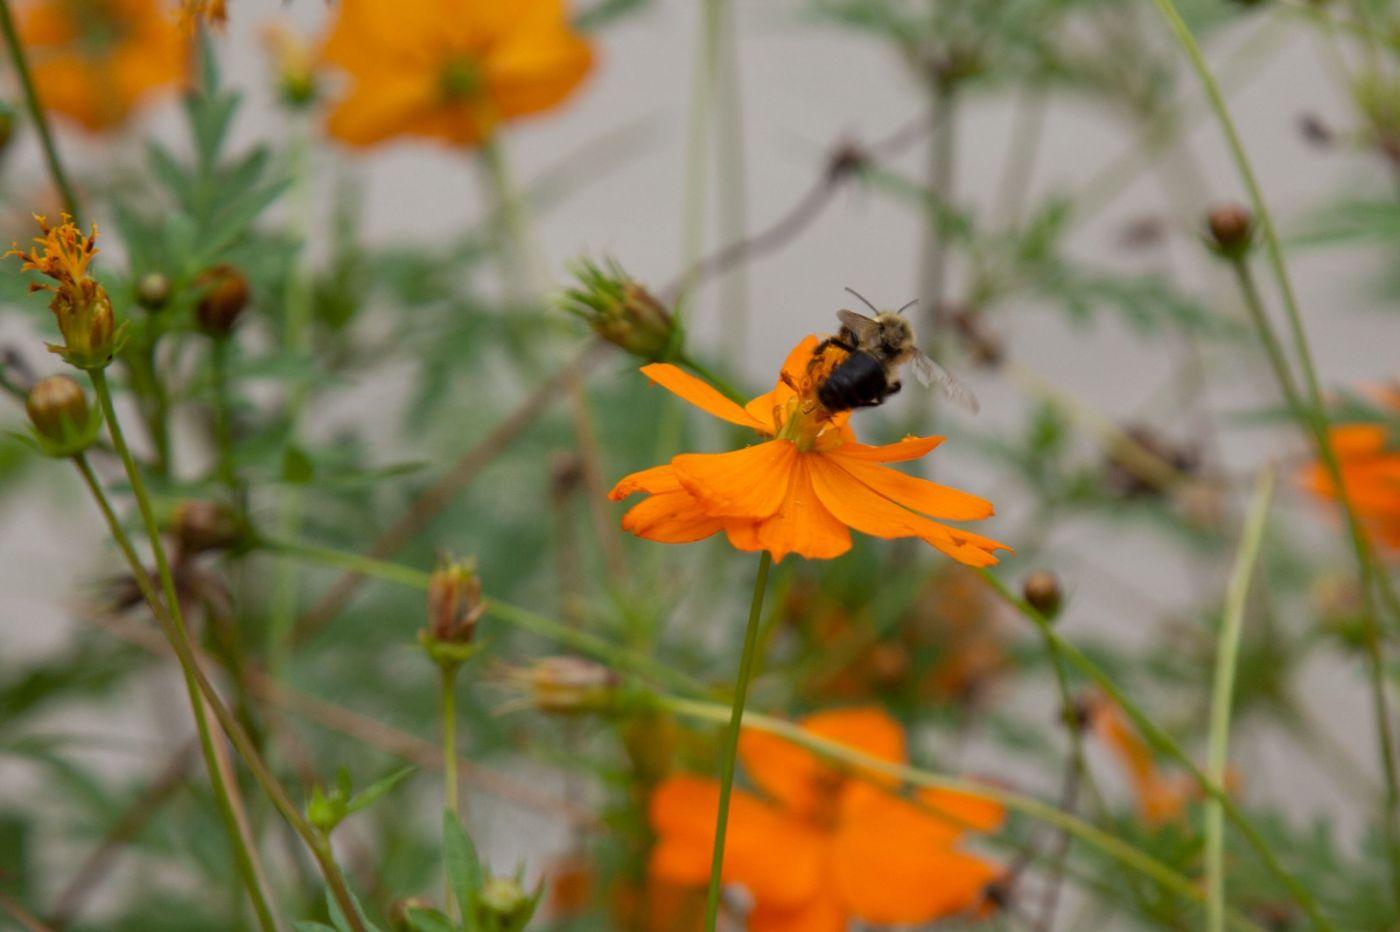 蜂在花丛中_图1-3